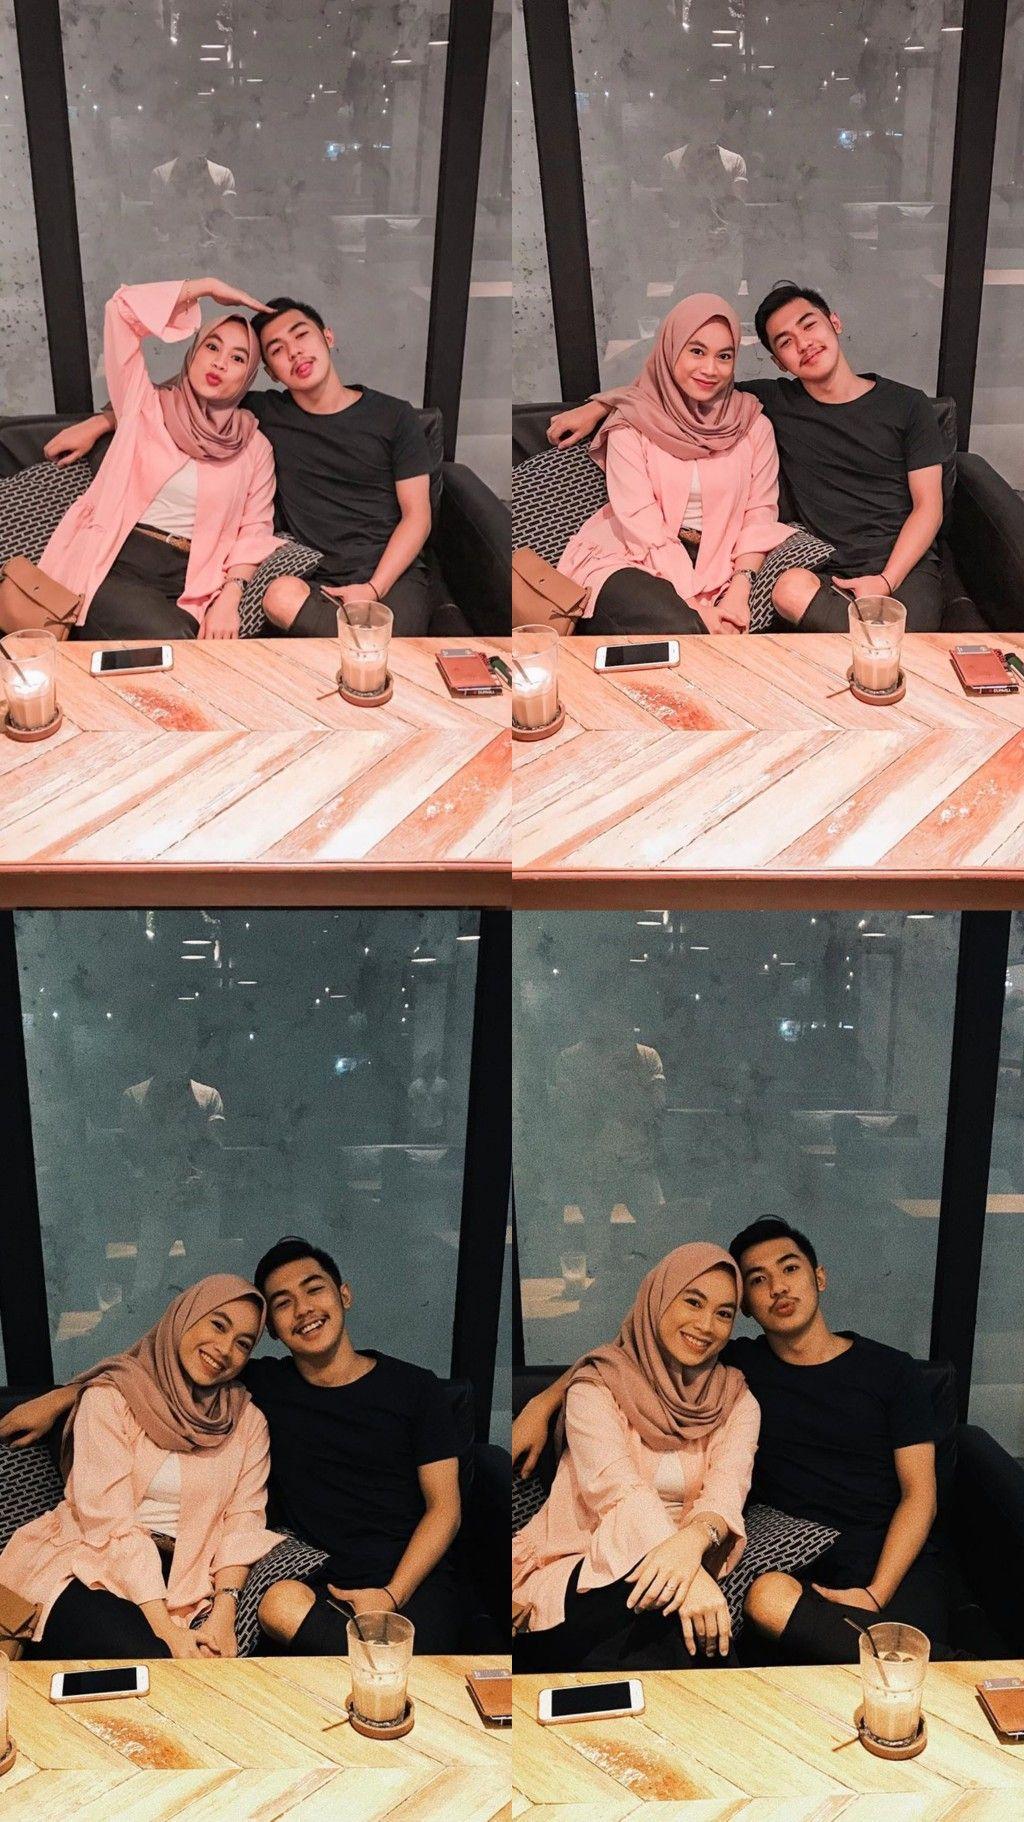 Pin Oleh Putri Nur Fadhia Di Pasangan Gambar Pasangan Lucu Gambar Teman Fotografi Remaja